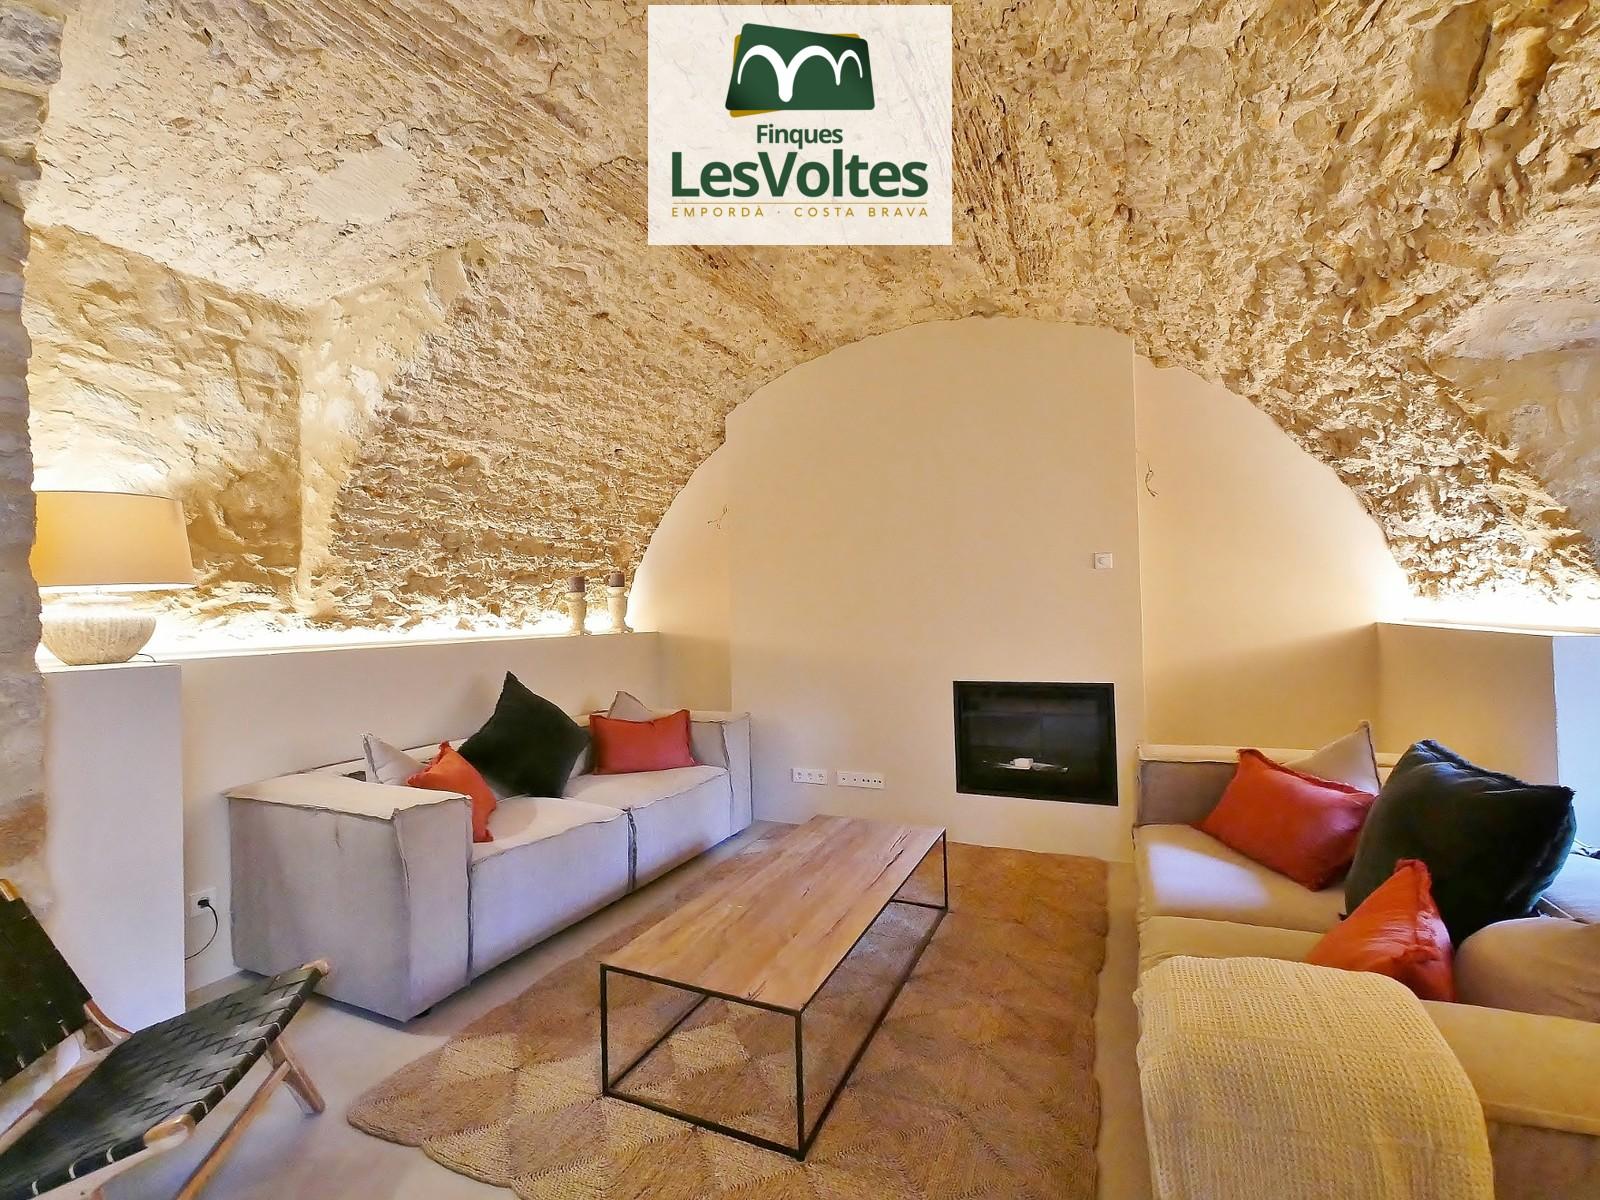 Exclusiva promoció de 3 masies totalment rehabilitades amb pati interior i piscina comunitària en venda a Esclanyà.